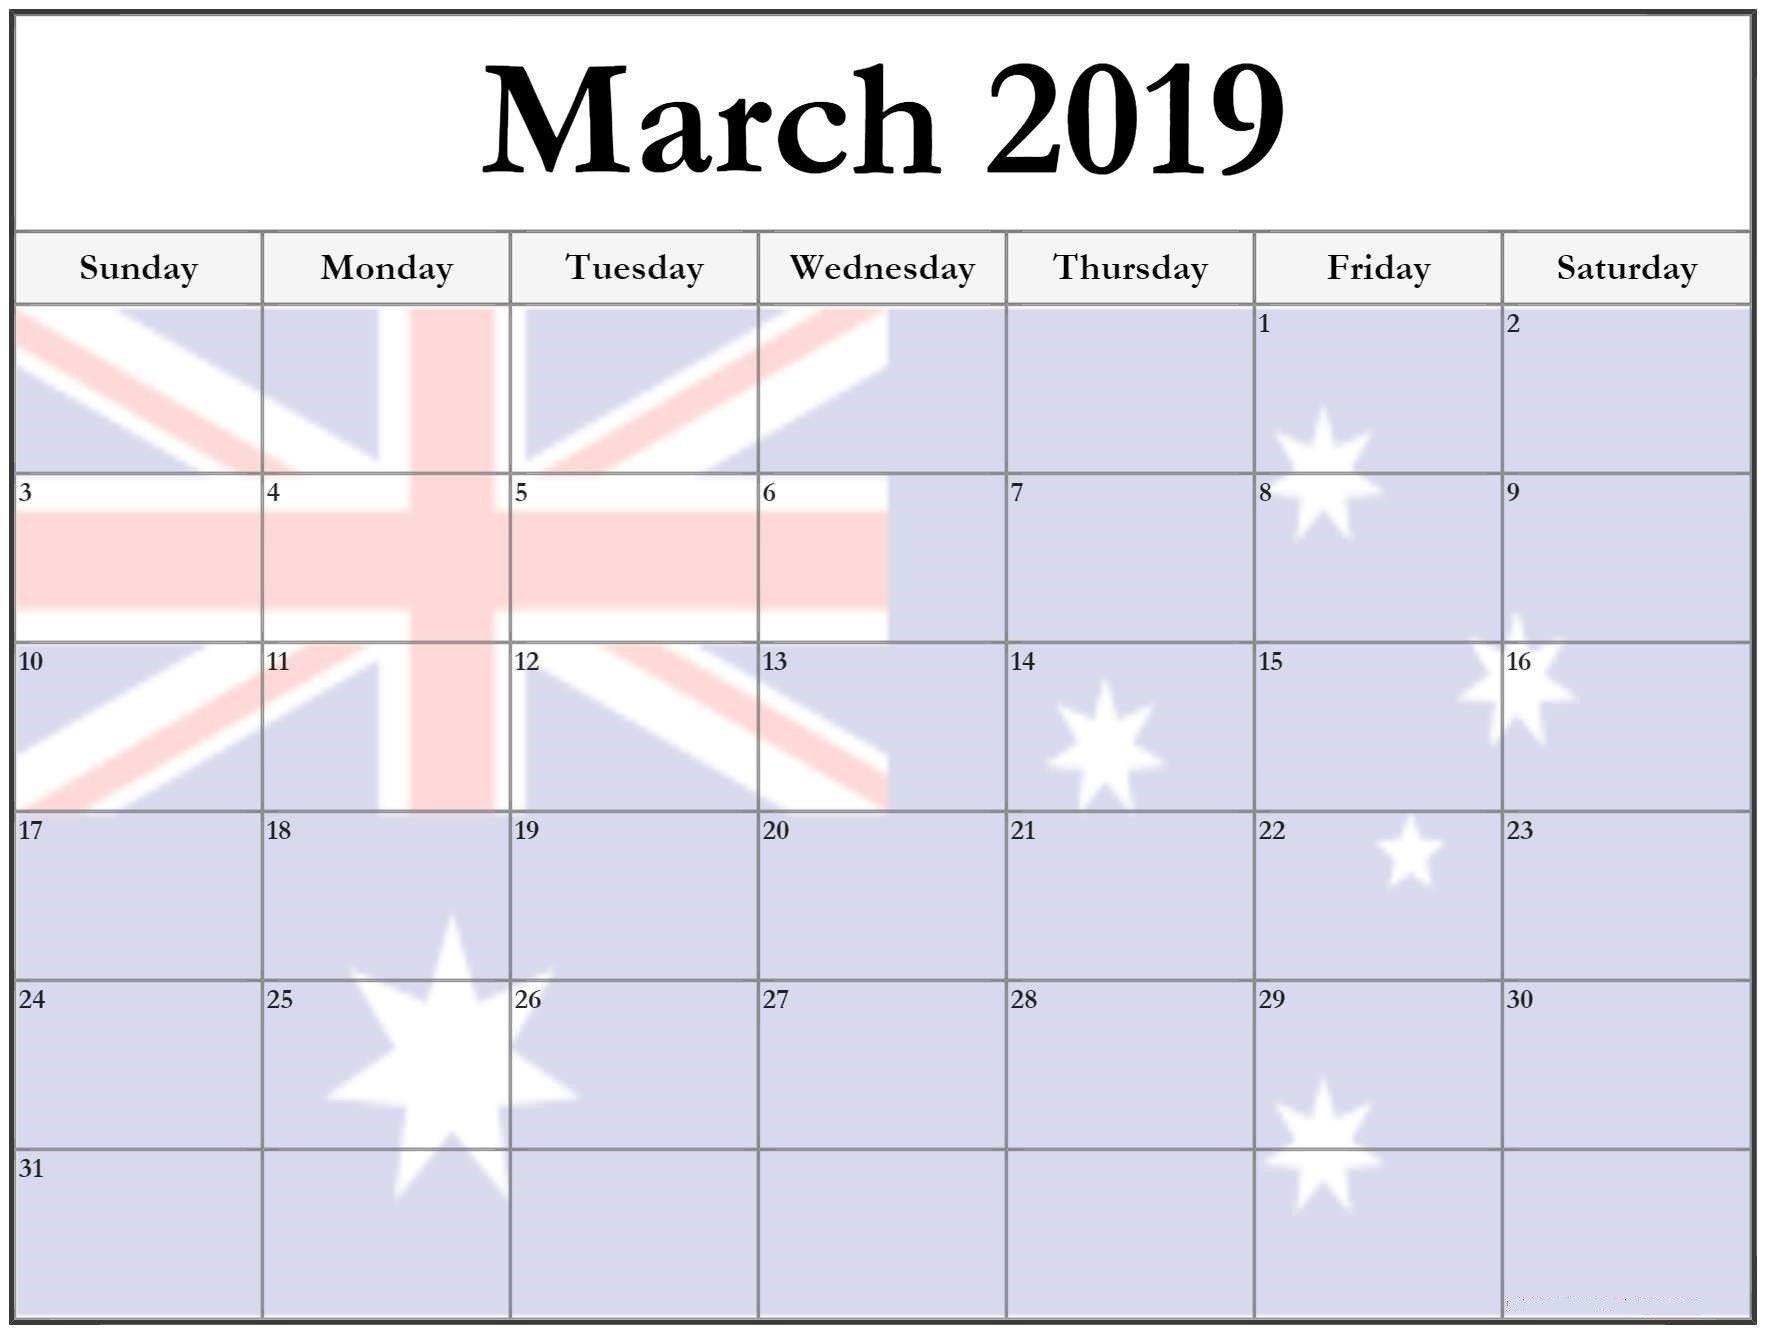 March Holiday Calendar 2019 Recientes March 2019 Calendar with Holidays Australia Marchcalendar Of March Holiday Calendar 2019 Más Caliente Printable March 2019 Calendar Template Holidays Yes Calendars